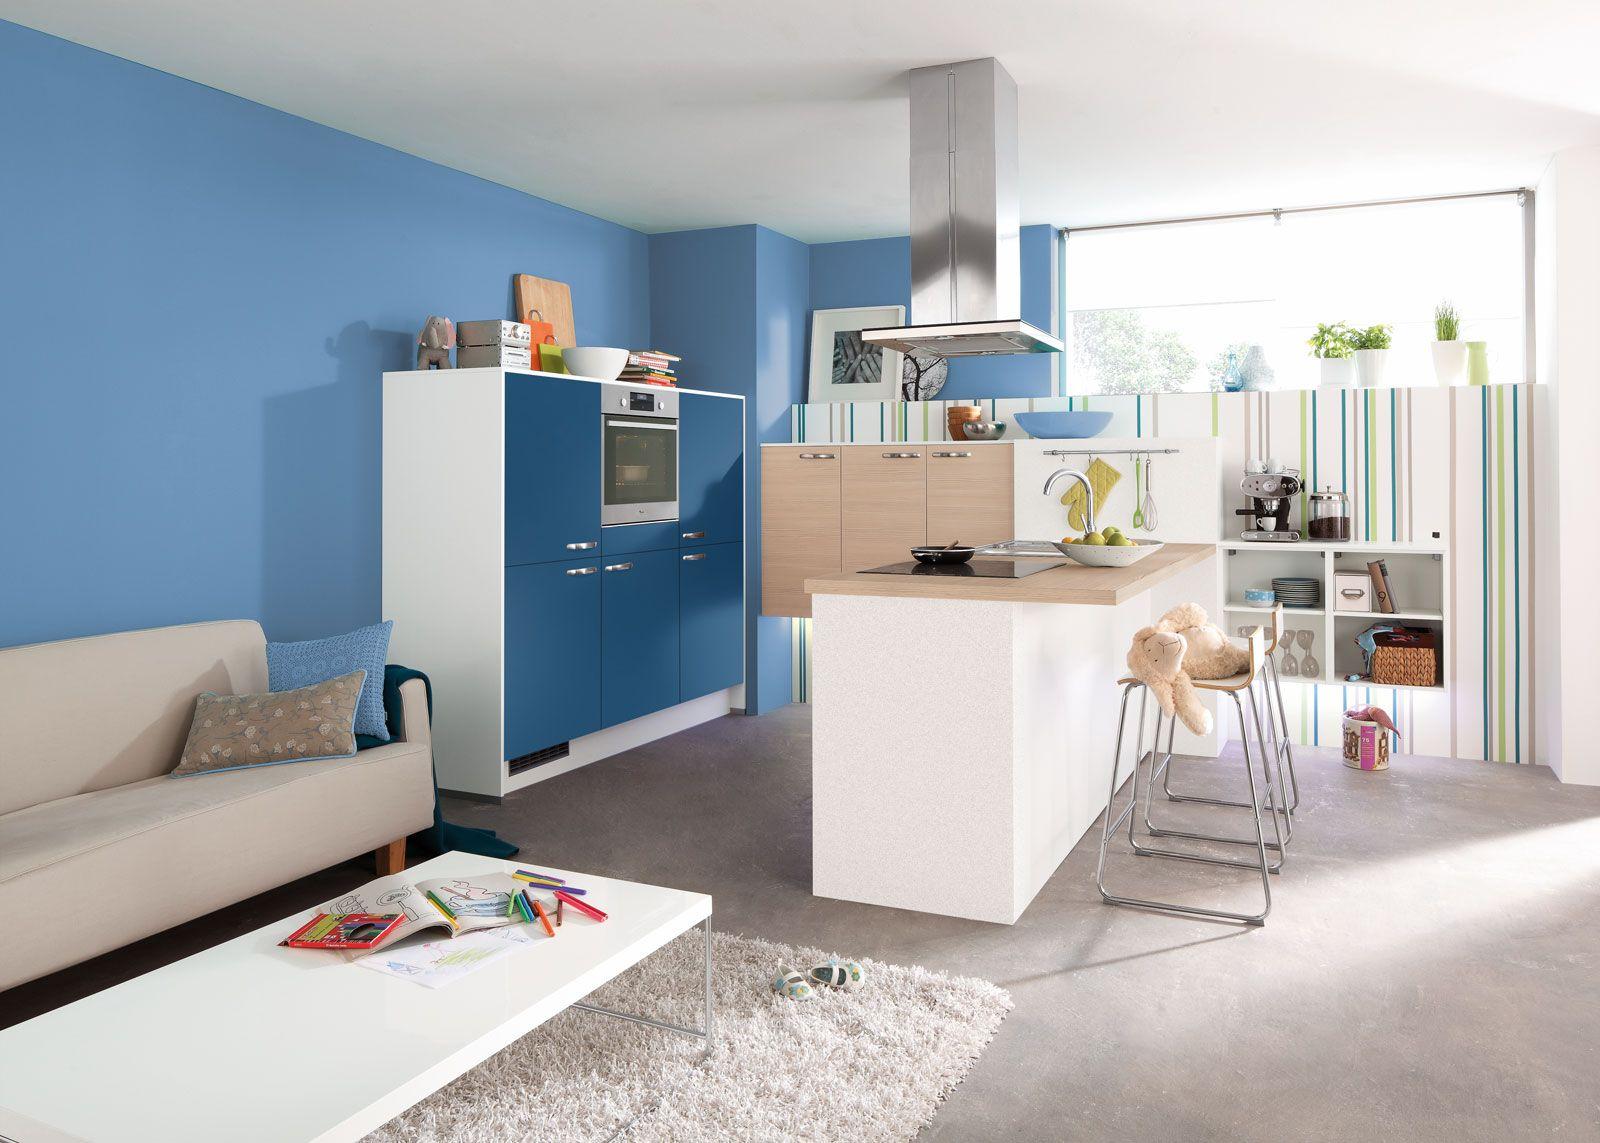 Blaue Küche mit Theke | Küche - Farben | Pinterest